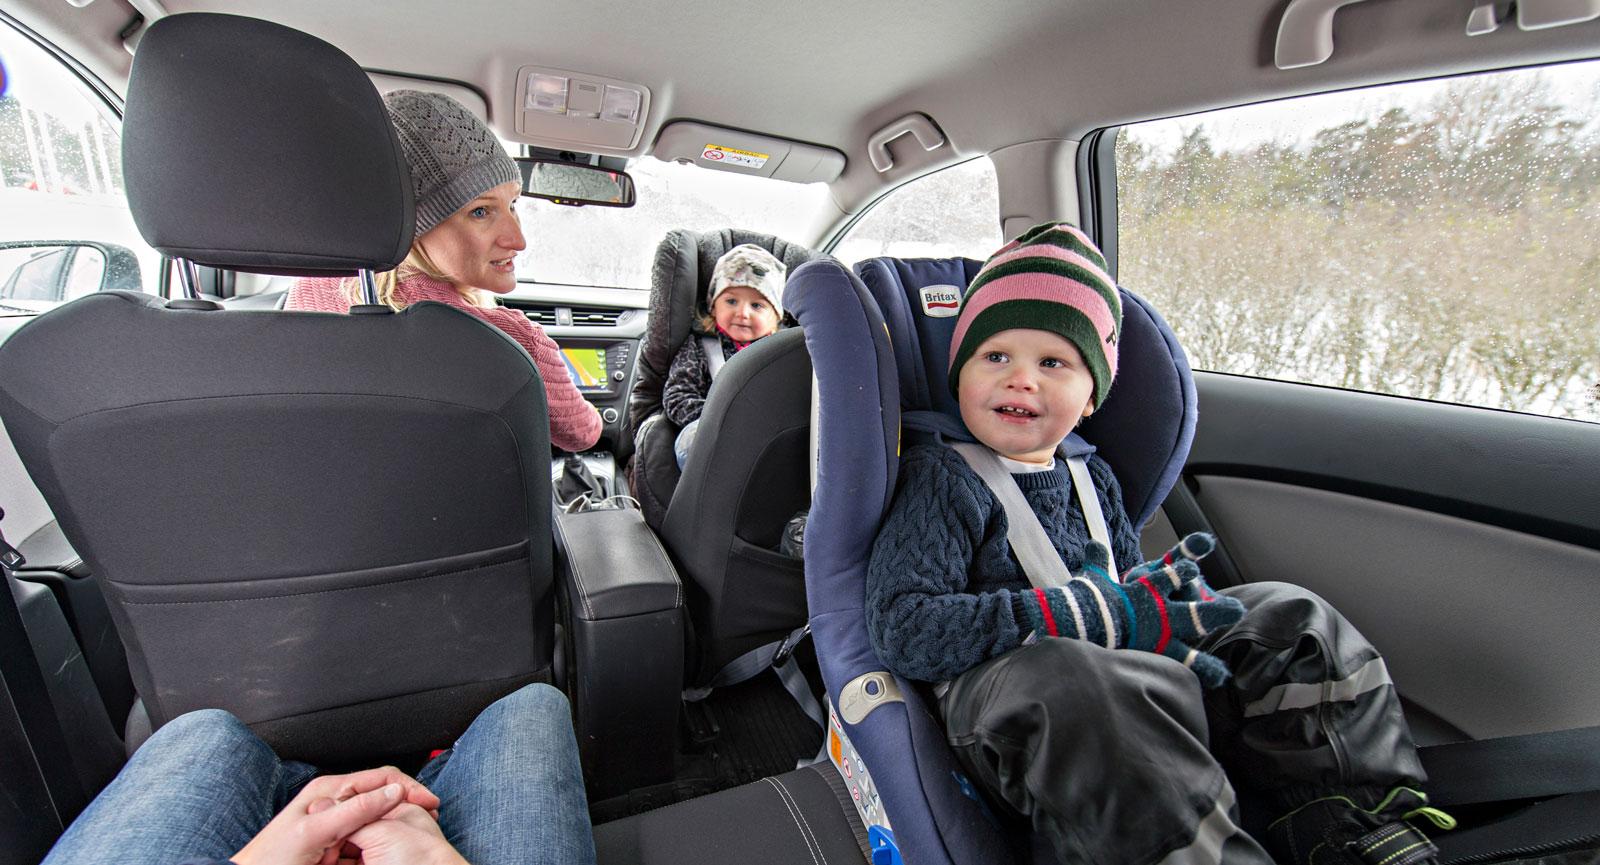 I moderna bilar spelar det ingen roll om barnen åker fram eller bak. Idag är det inte problem med kupéinträngning vid en krock så som det var förr. Se bara till att krockkudden fram är avstängd!